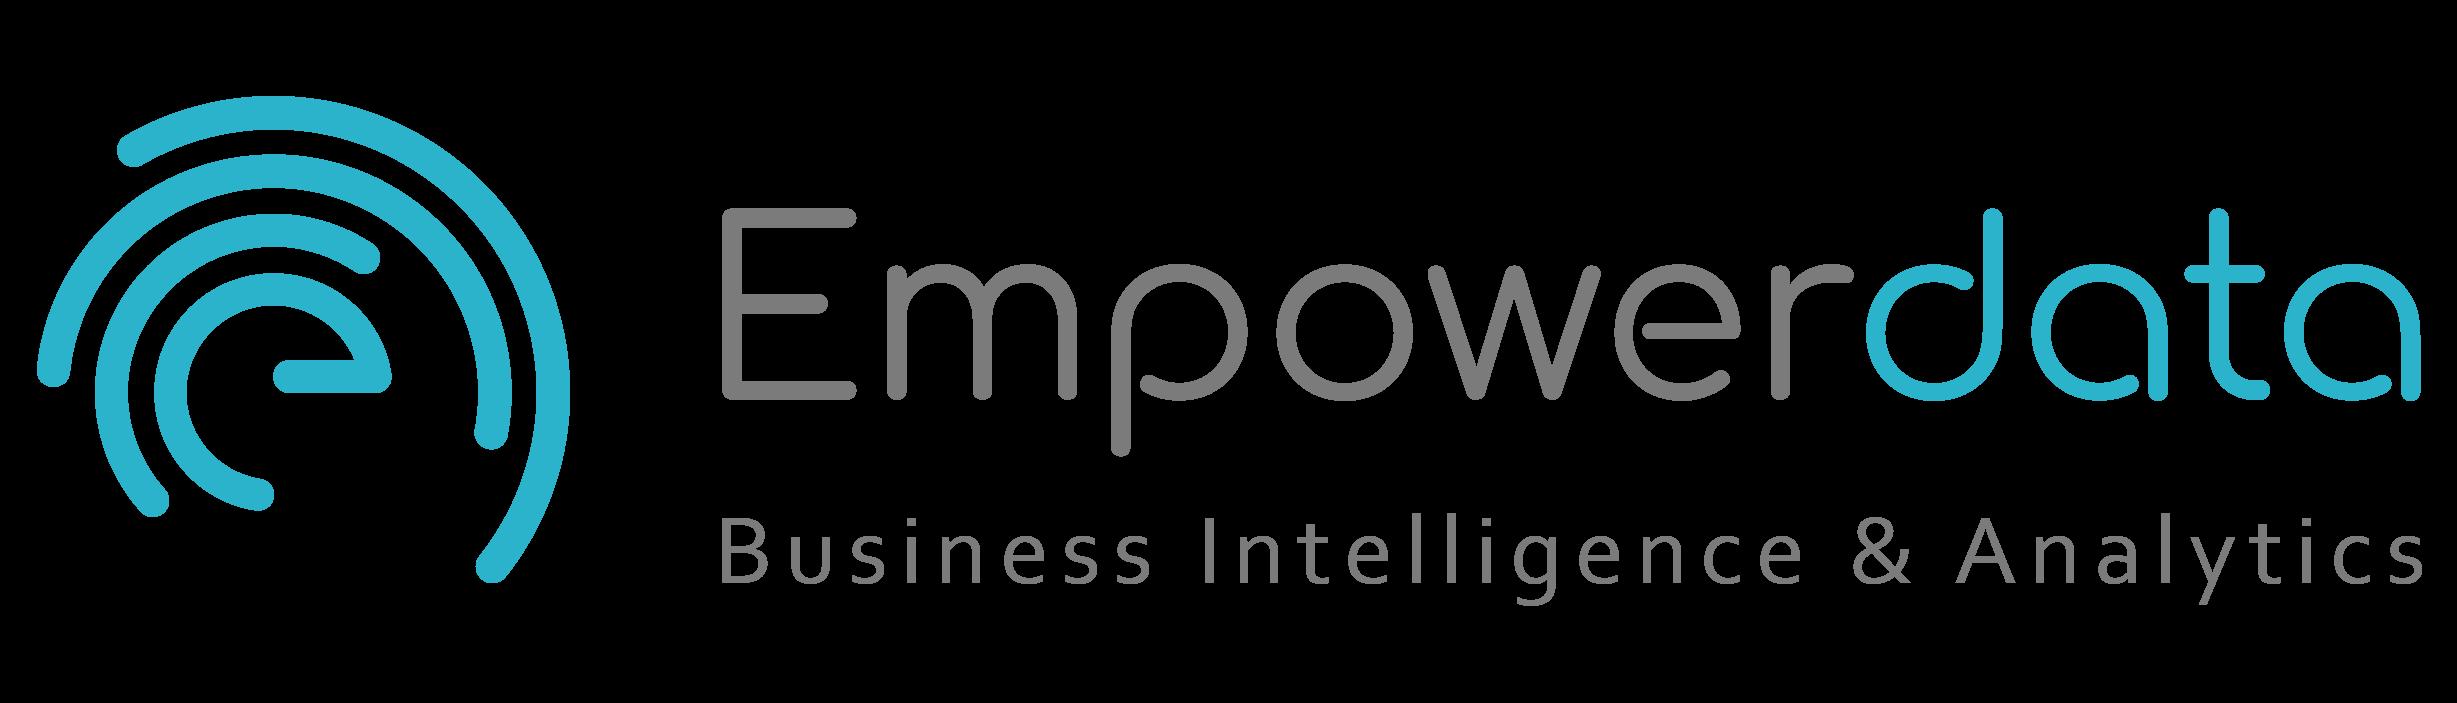 Blog Empowerdata